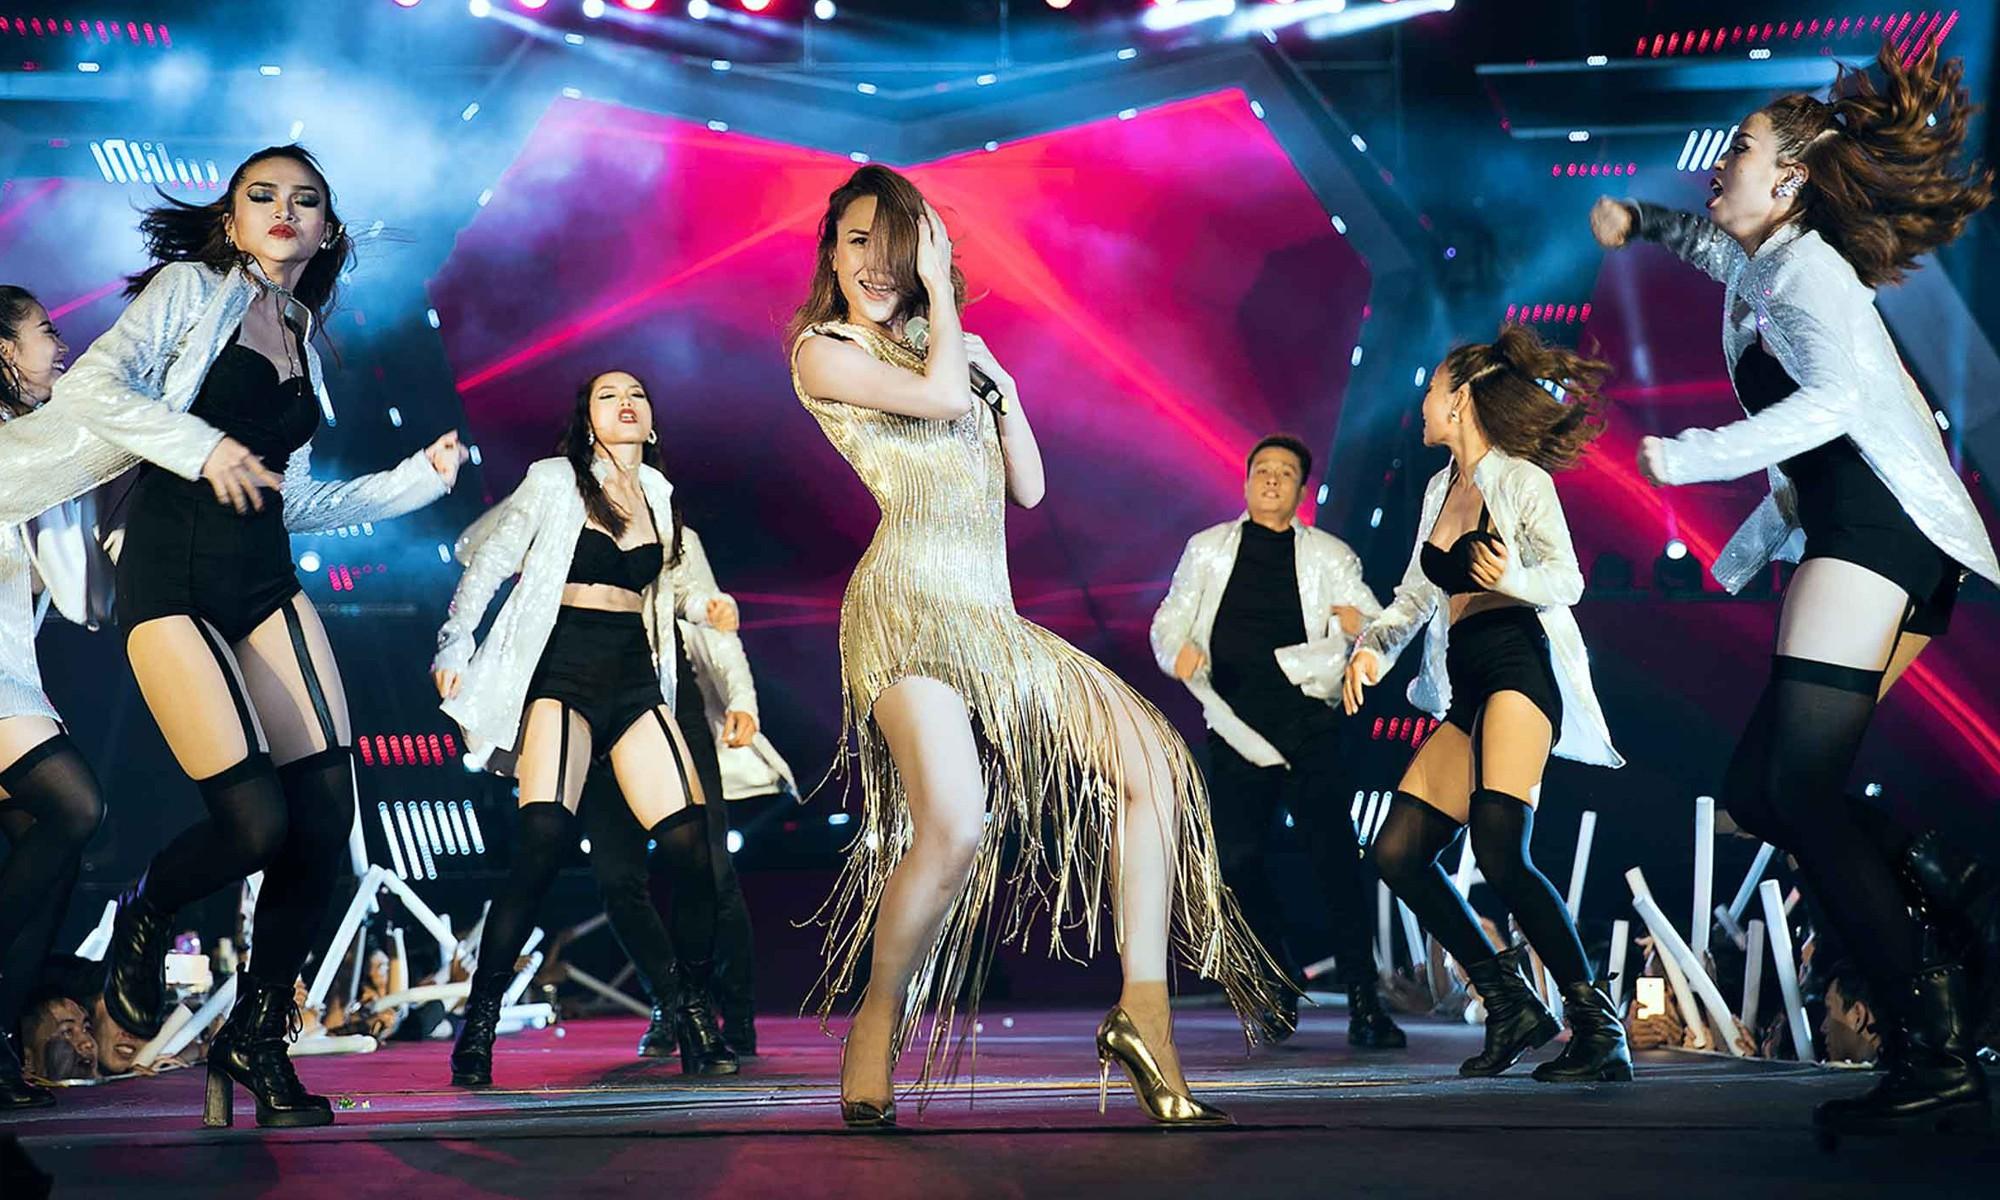 Mỹ Tâm lần đầu remix Đừng hỏi em, Đông Nhi - Noo Phước Thịnh mang loạt hit sôi động lên sân khấu - Ảnh 3.